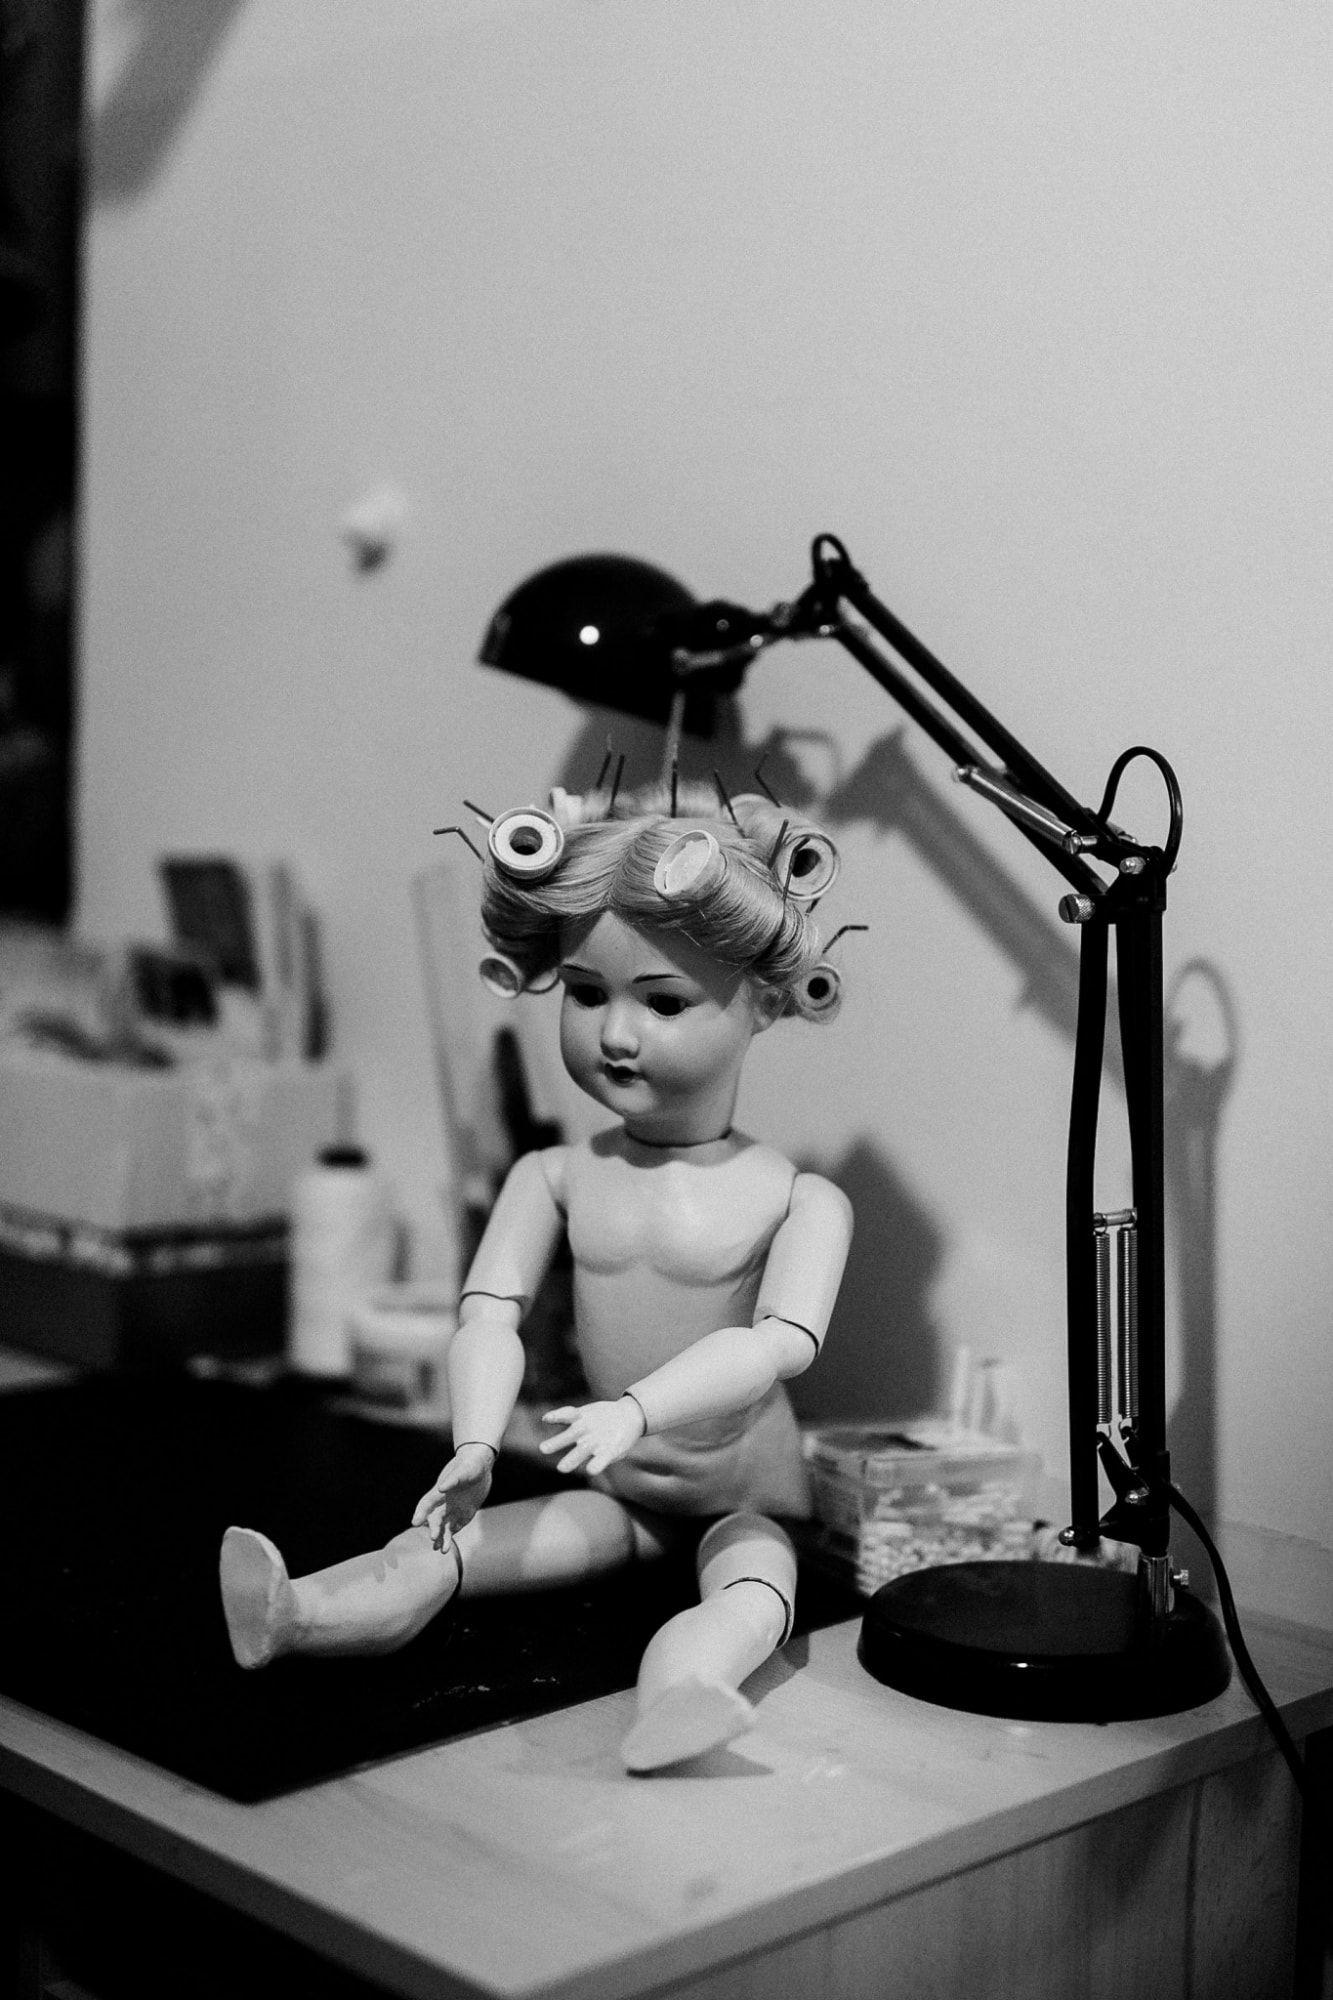 Puppendoktor Wien: Puppe mit Lockenwicklern